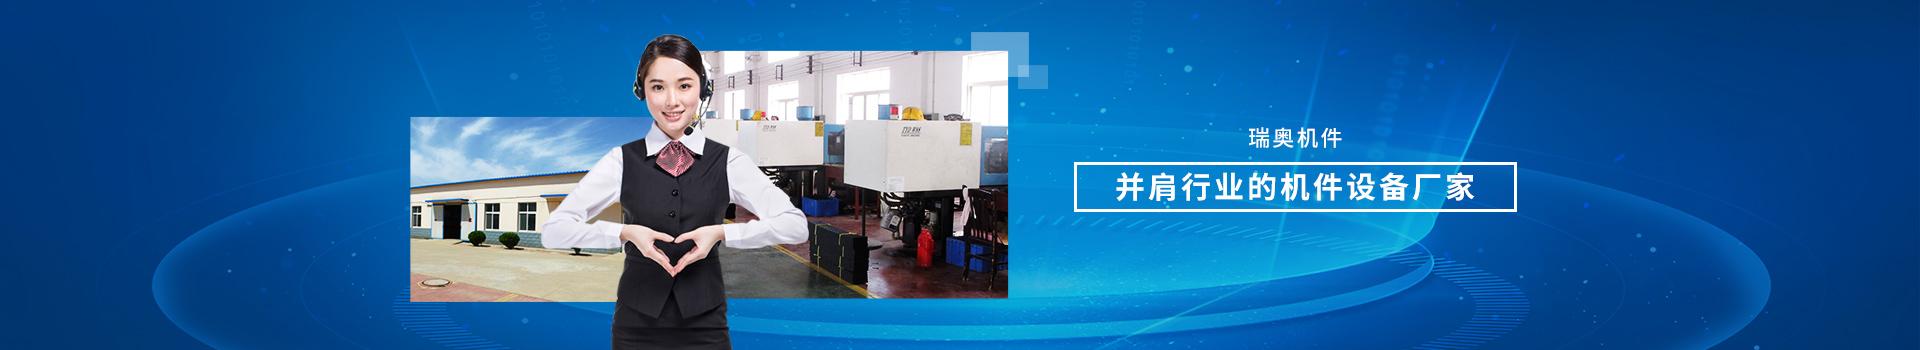 瑞奥机件·并肩行业的机件设备厂家